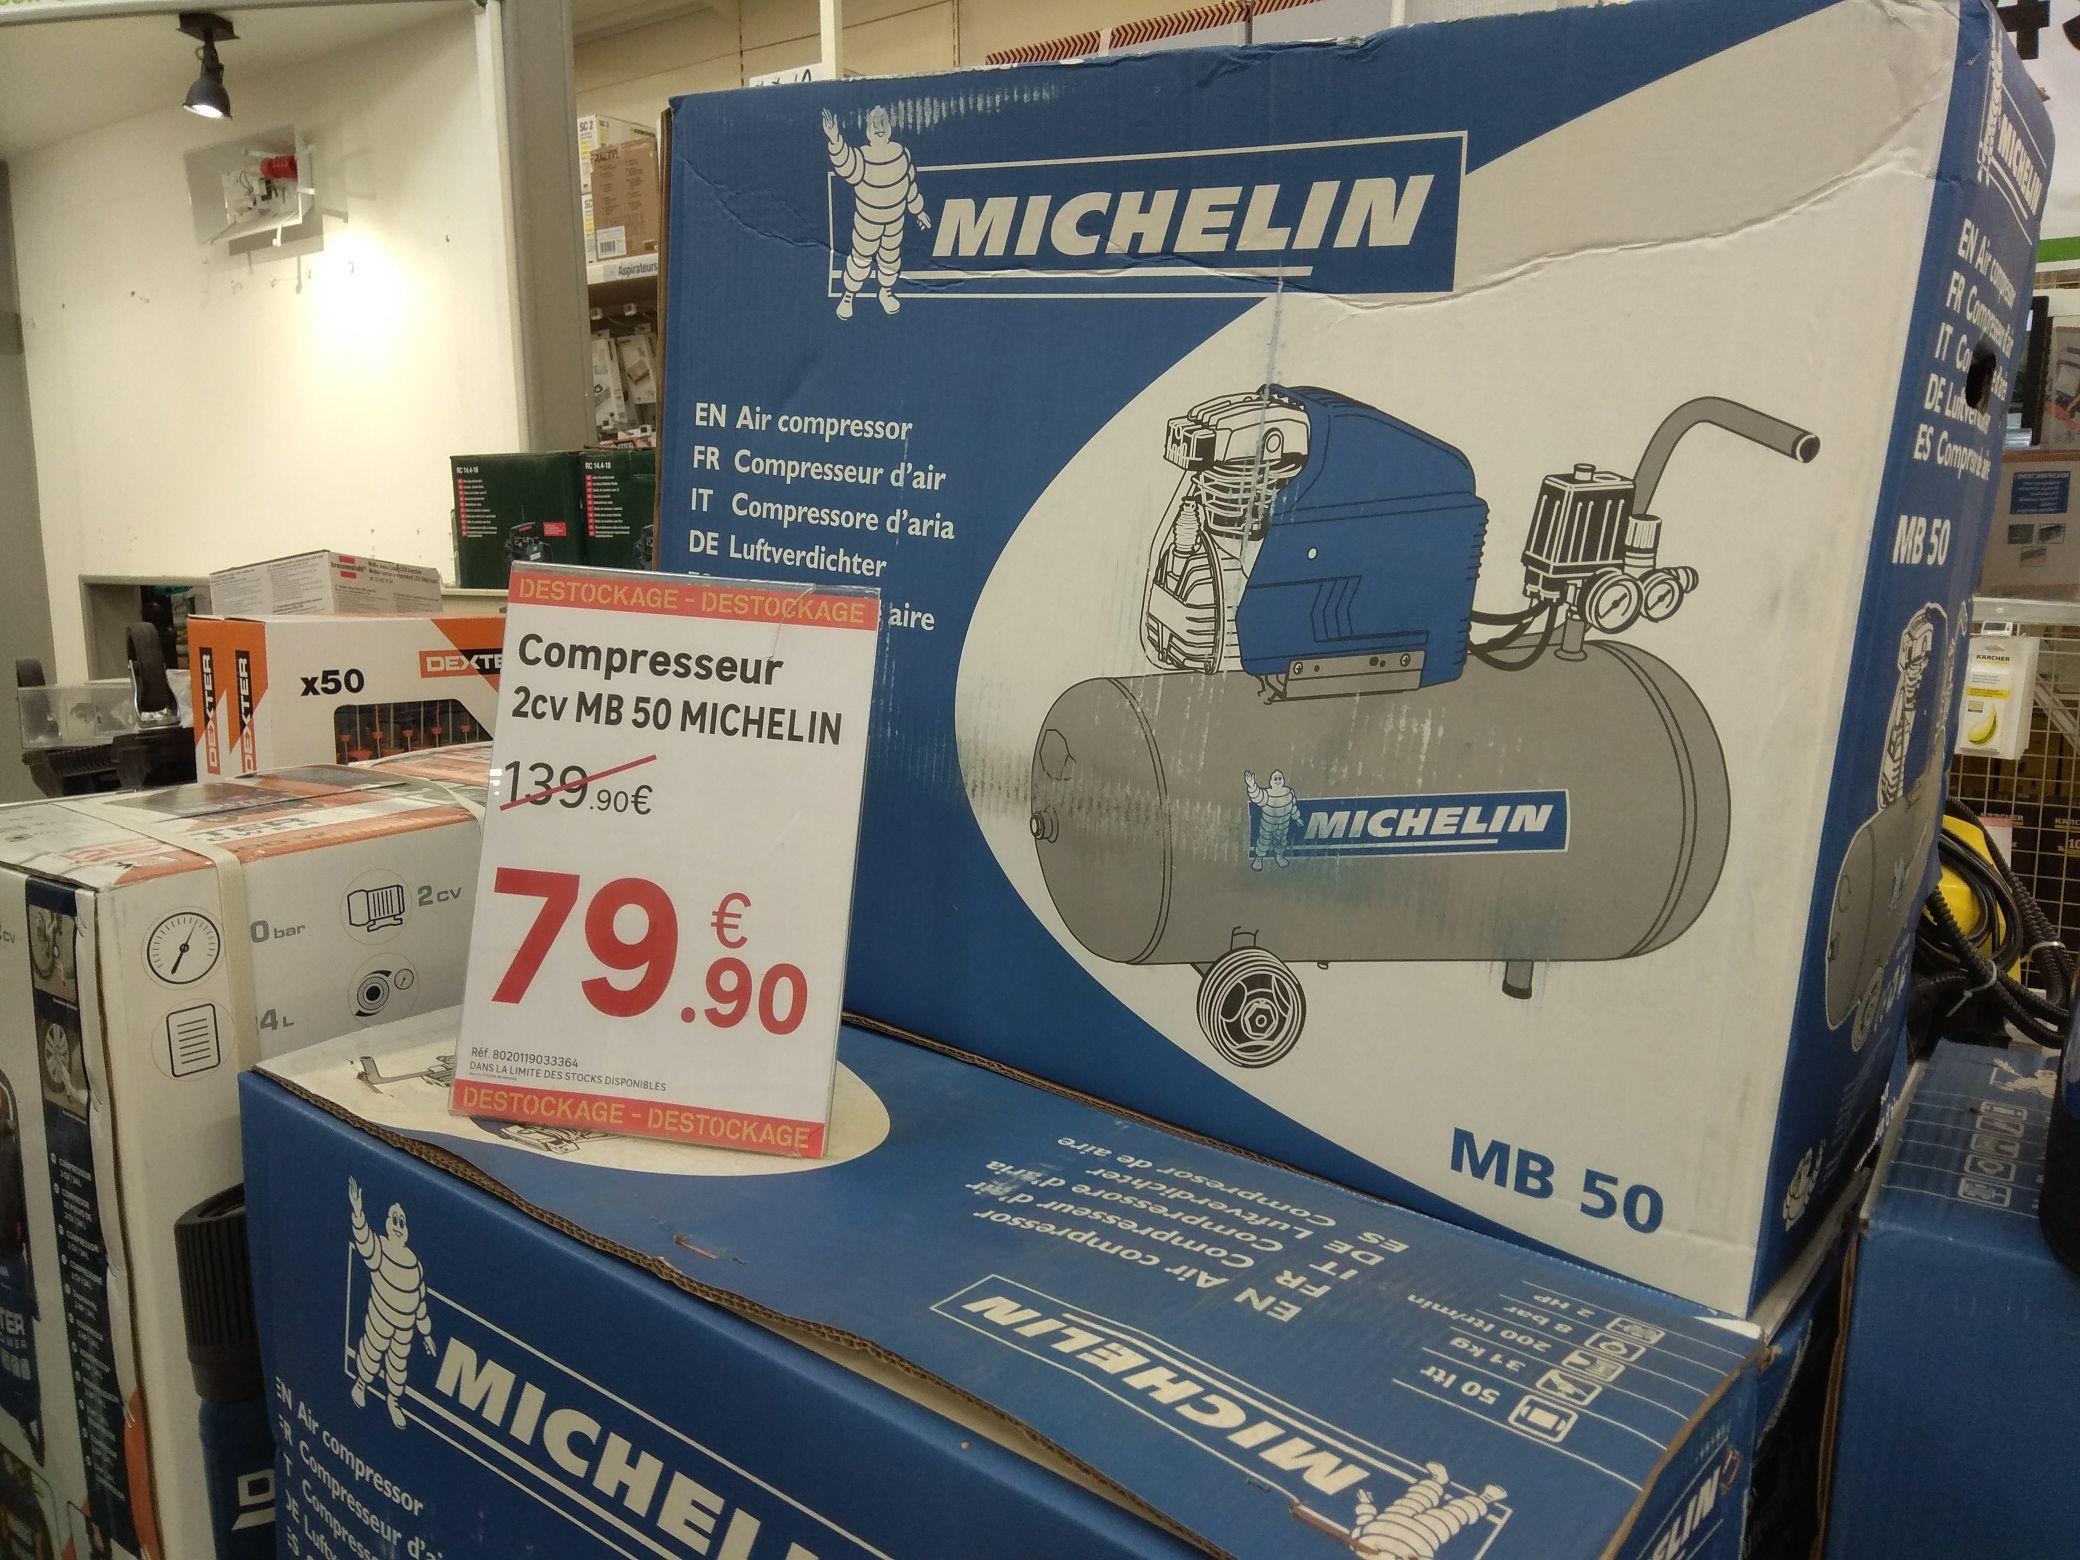 Compresseur 50 litres Michelin - Avignon (84)